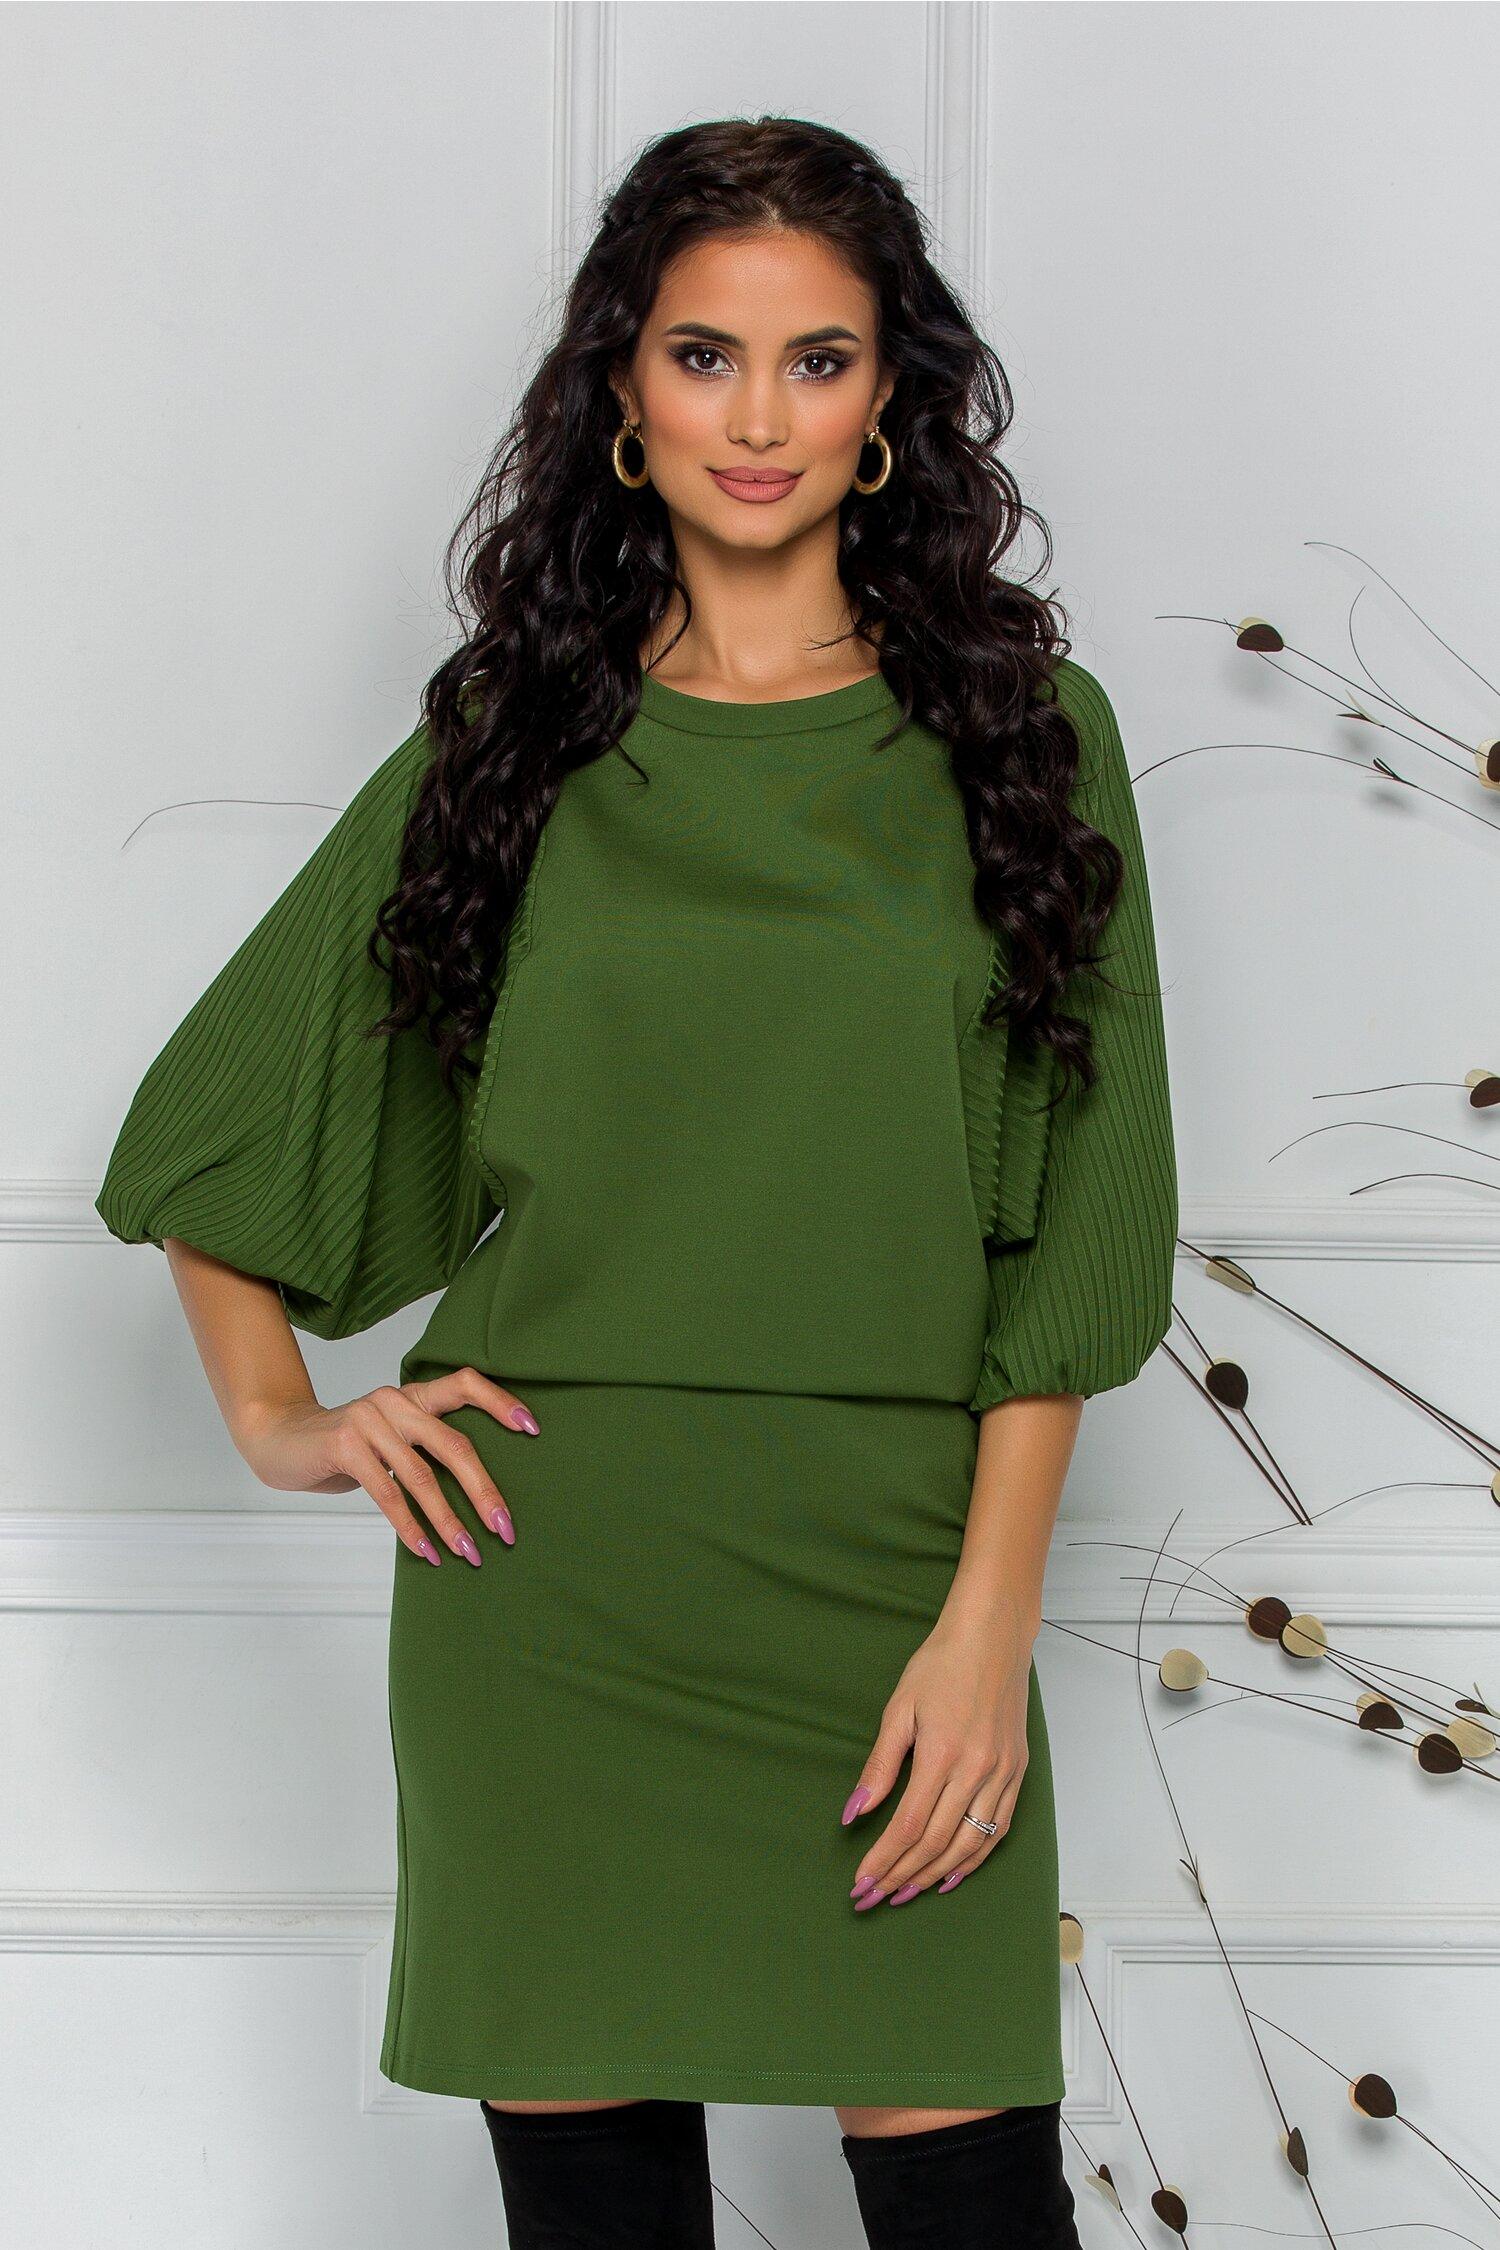 Rochie LaDonna verde olive cu maneci lejere cu textura striata